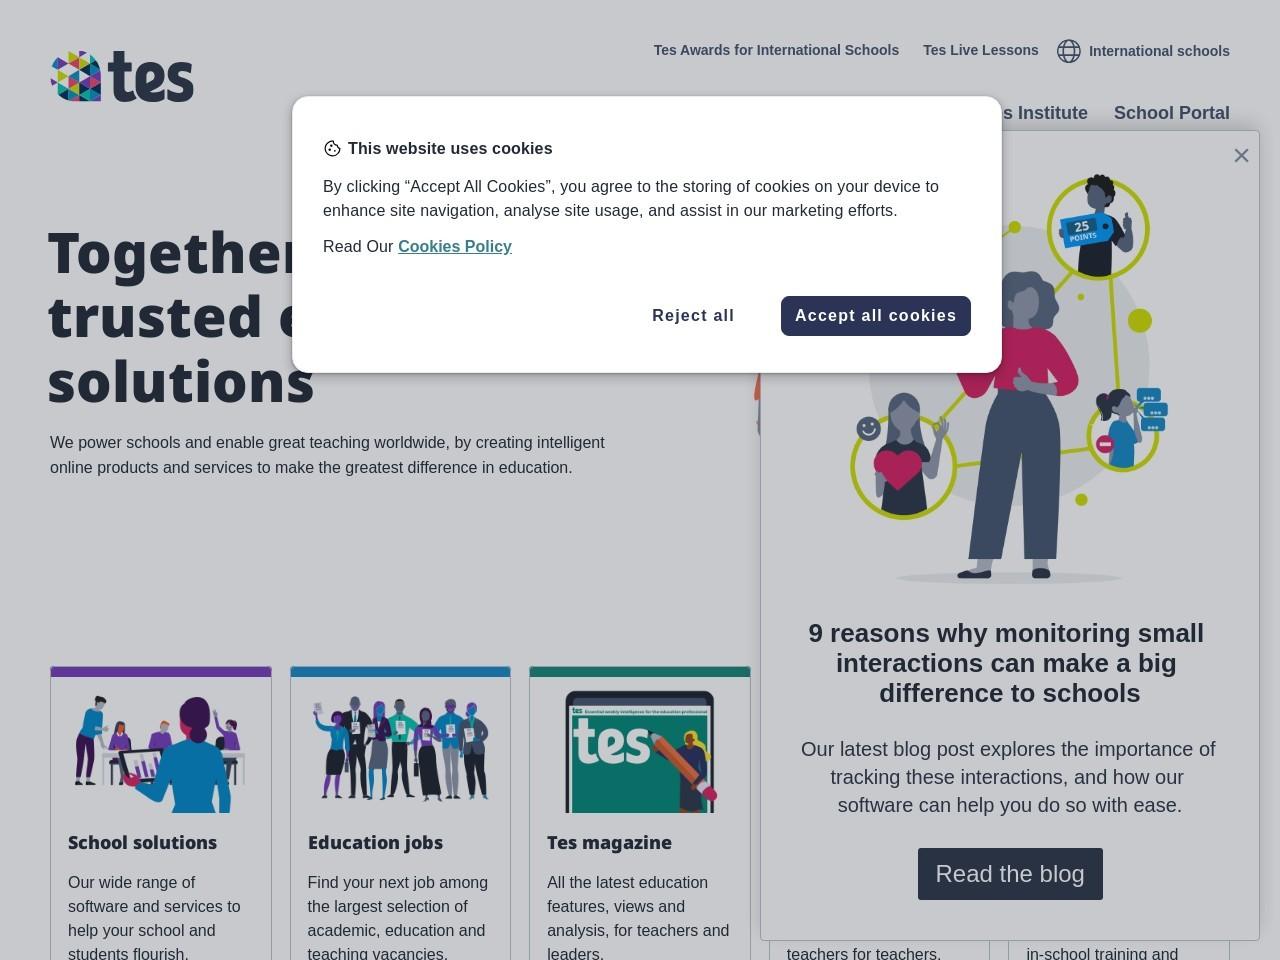 tes.com